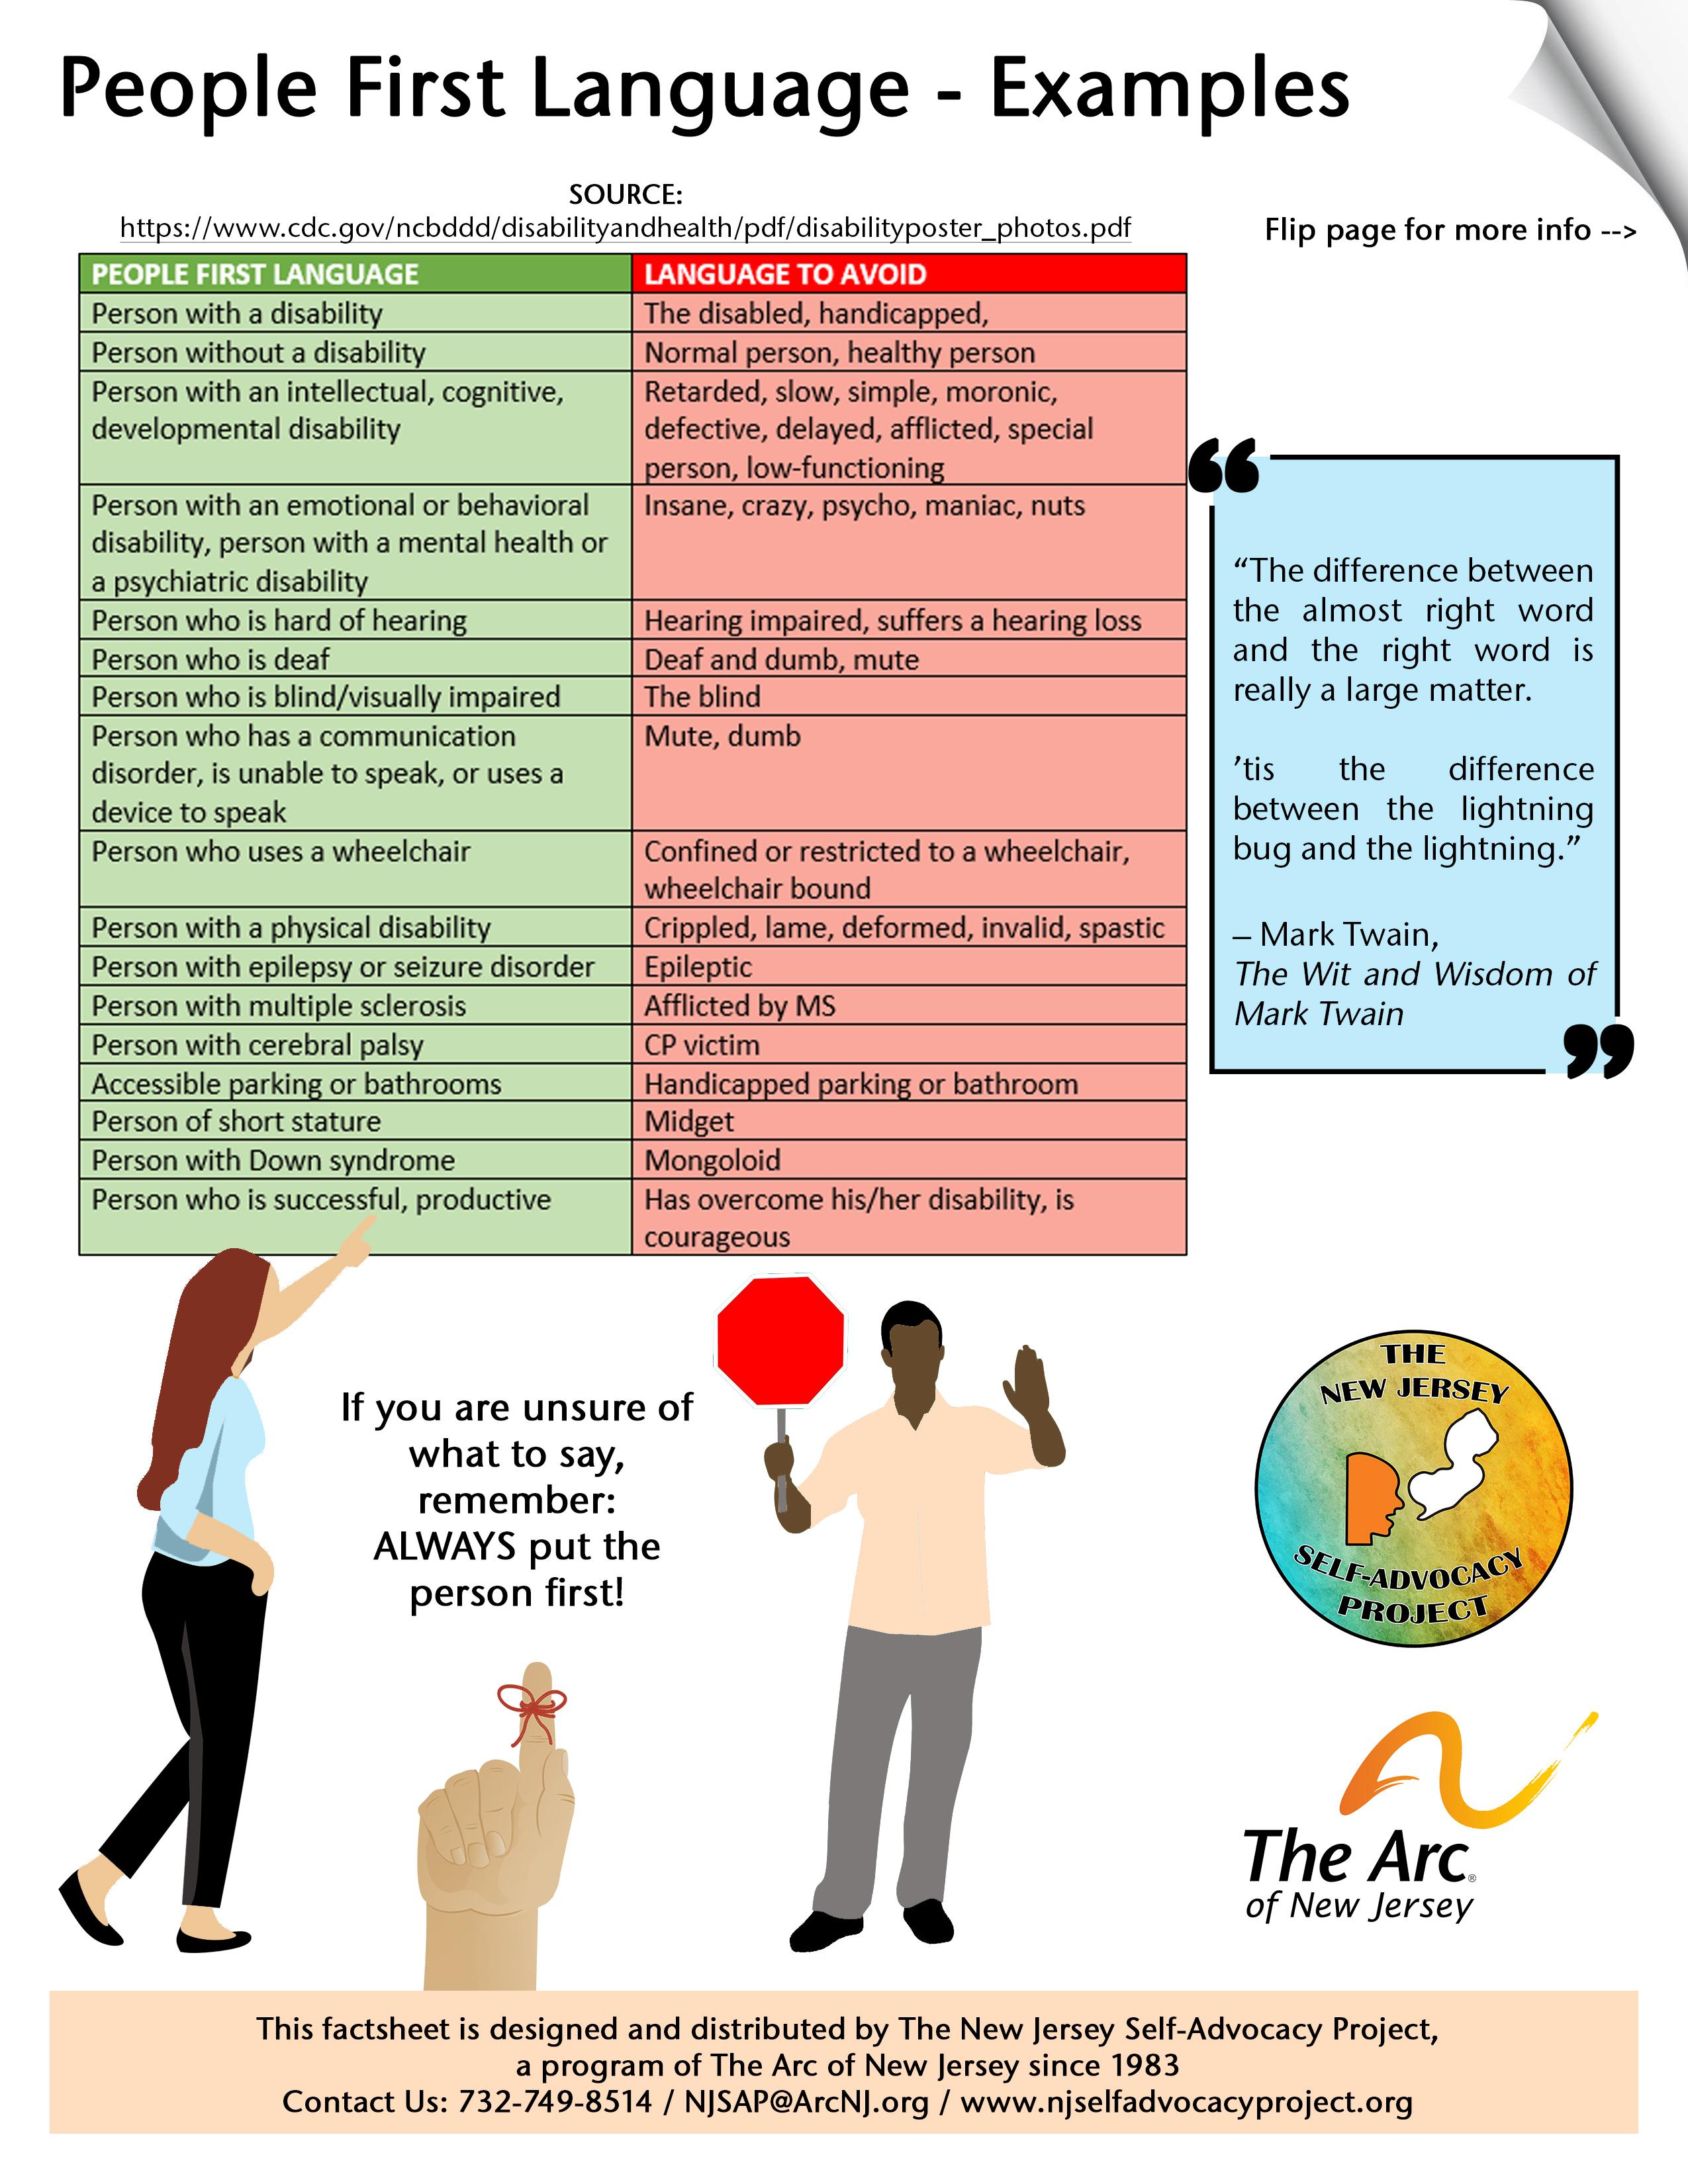 People First Language Factsheet